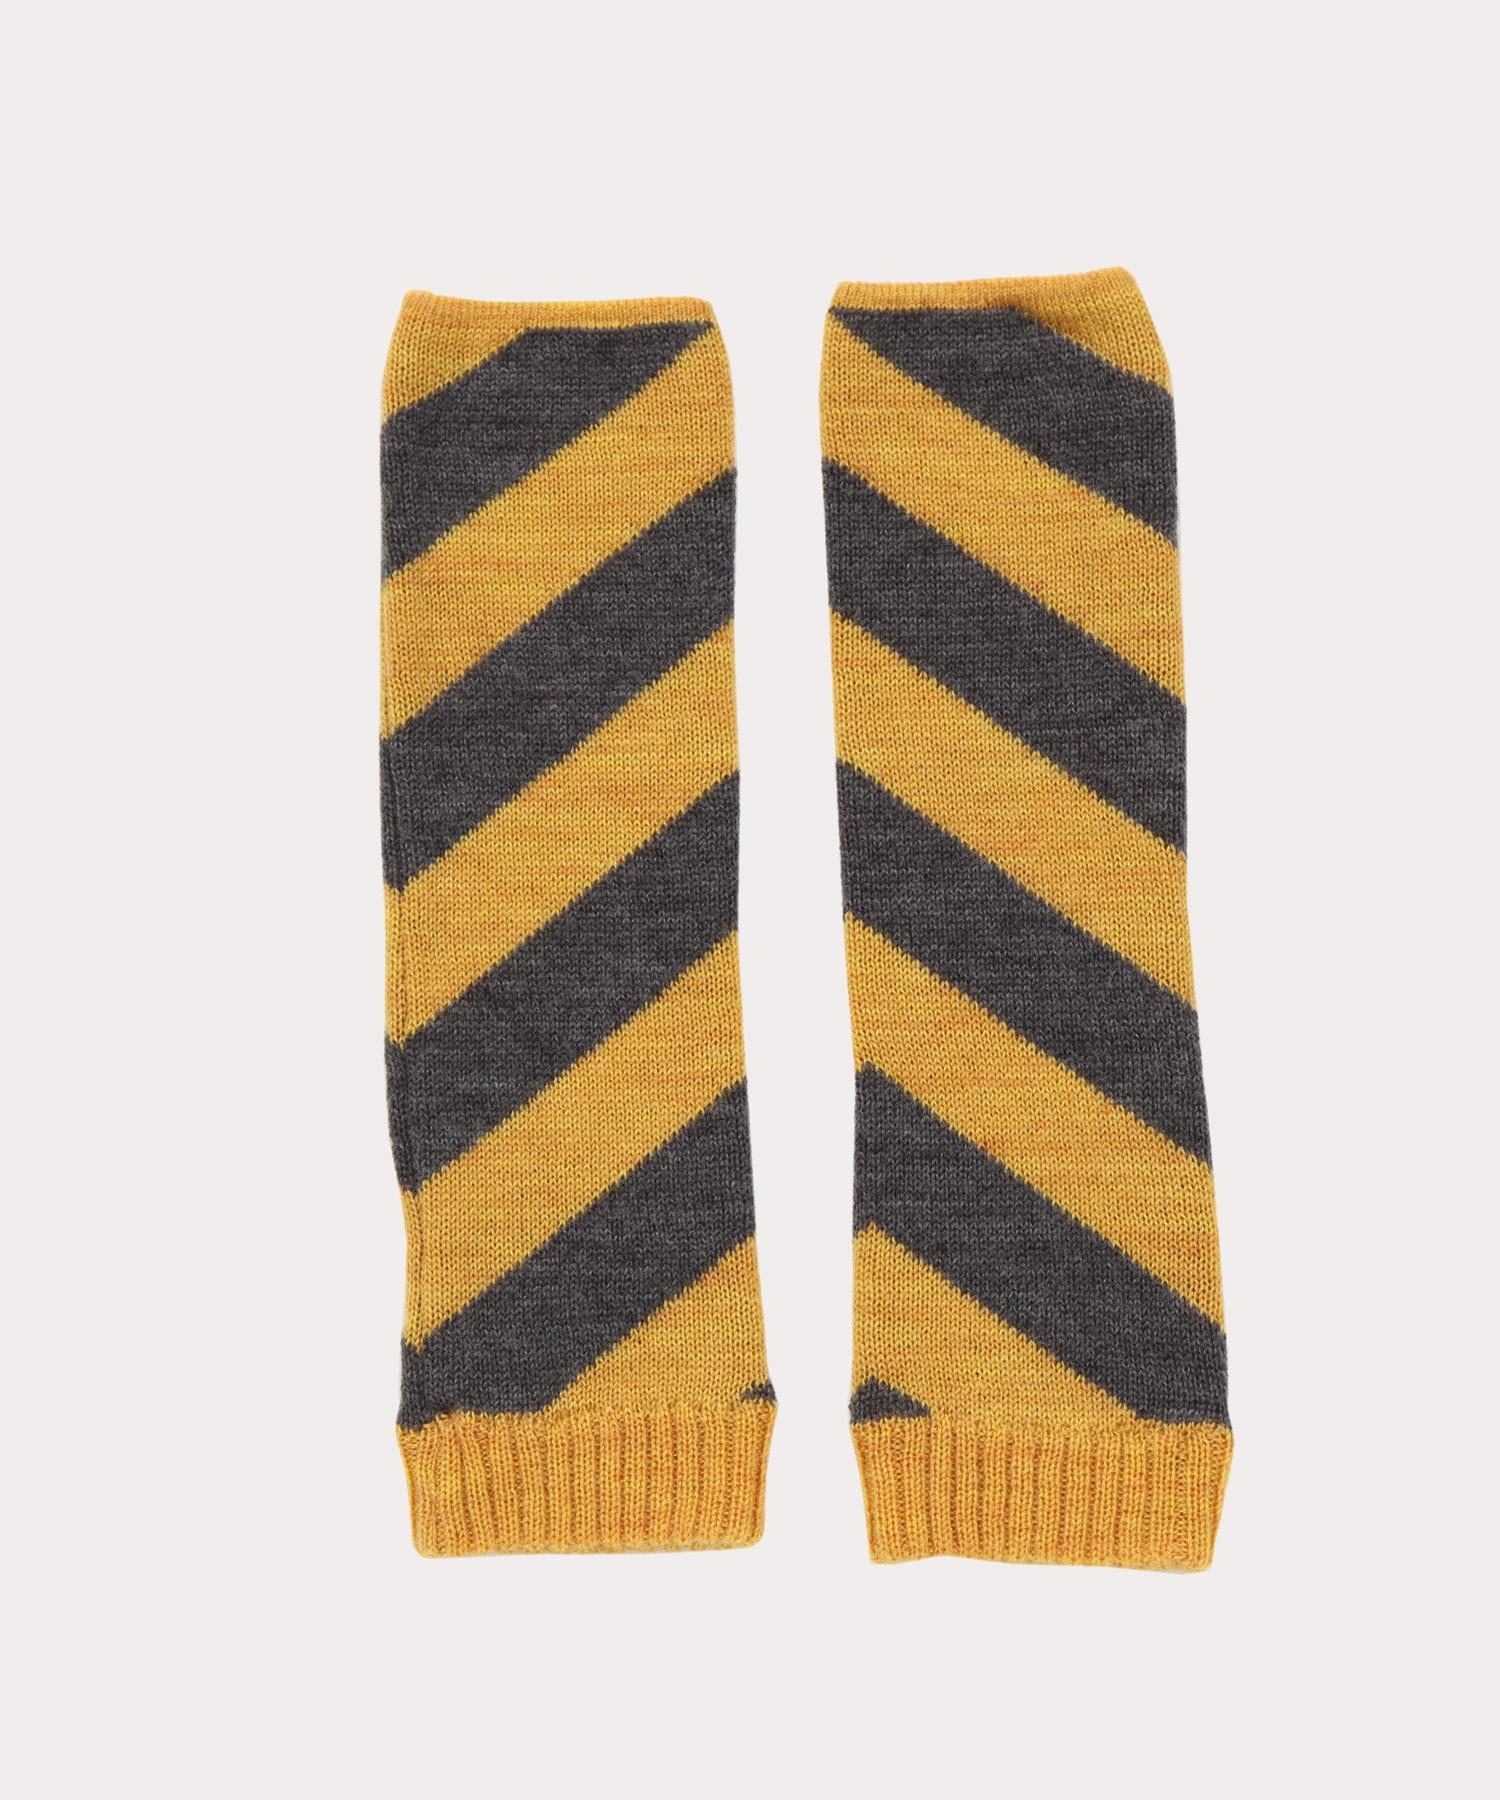 アームカバースタイル 手袋